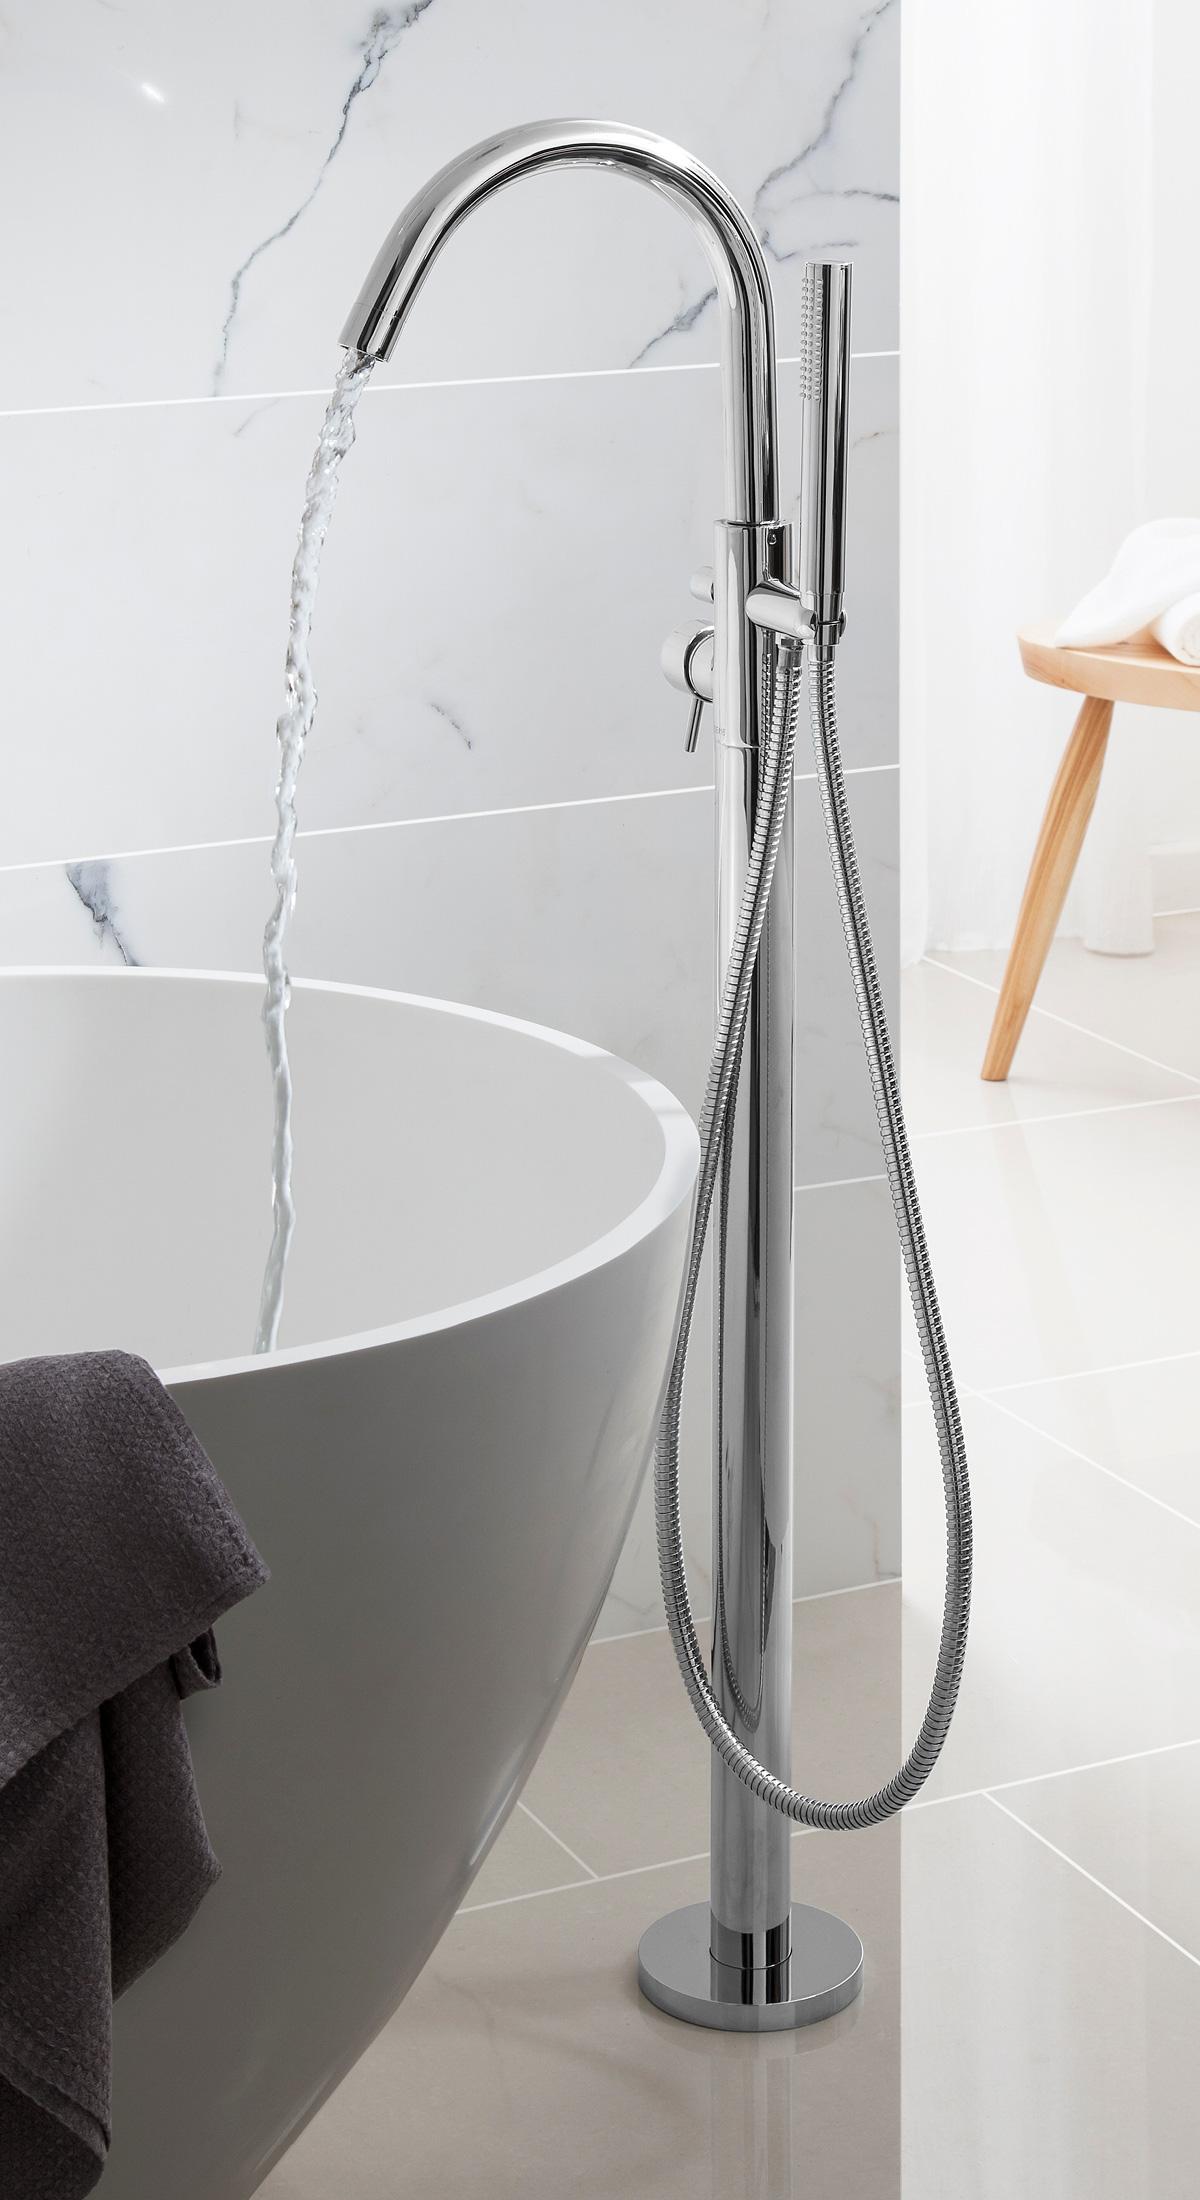 Design Bath Shower Mixer In Floor Standing Luxury